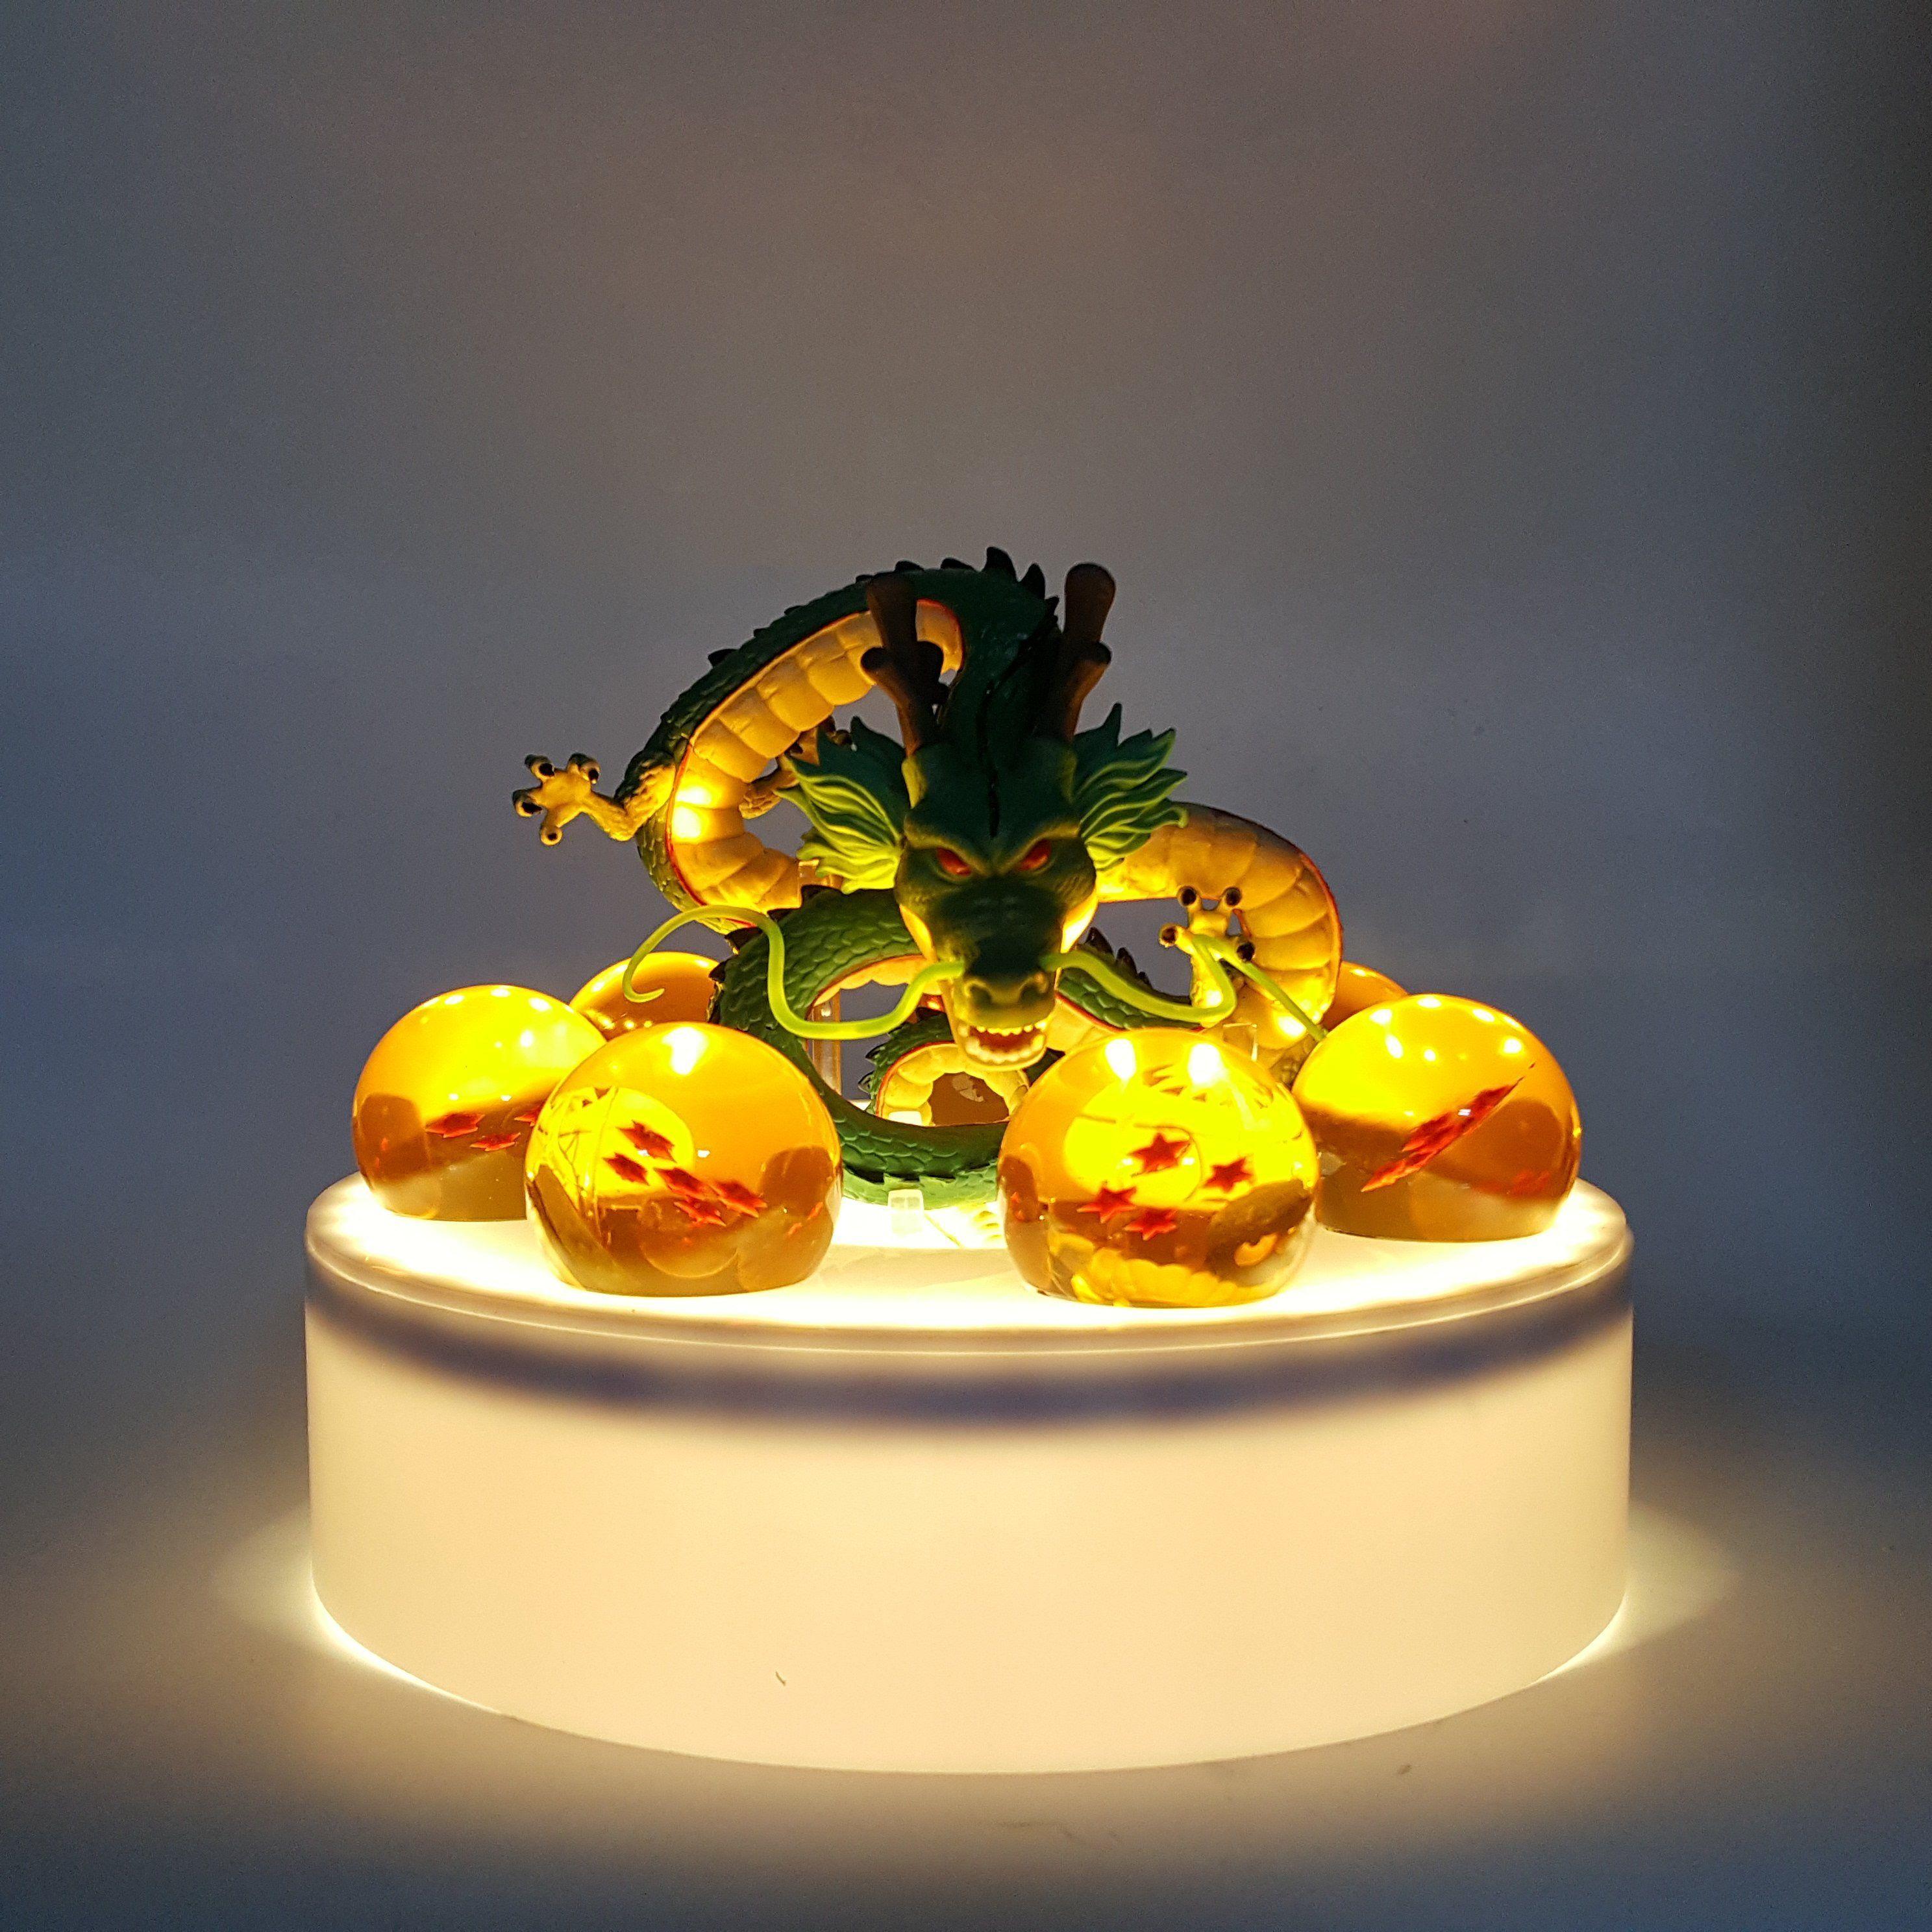 New RARE Dragon Ball Z Super Saiya GOKU Crystal Balls Set of 7pcs Led Light Lamp